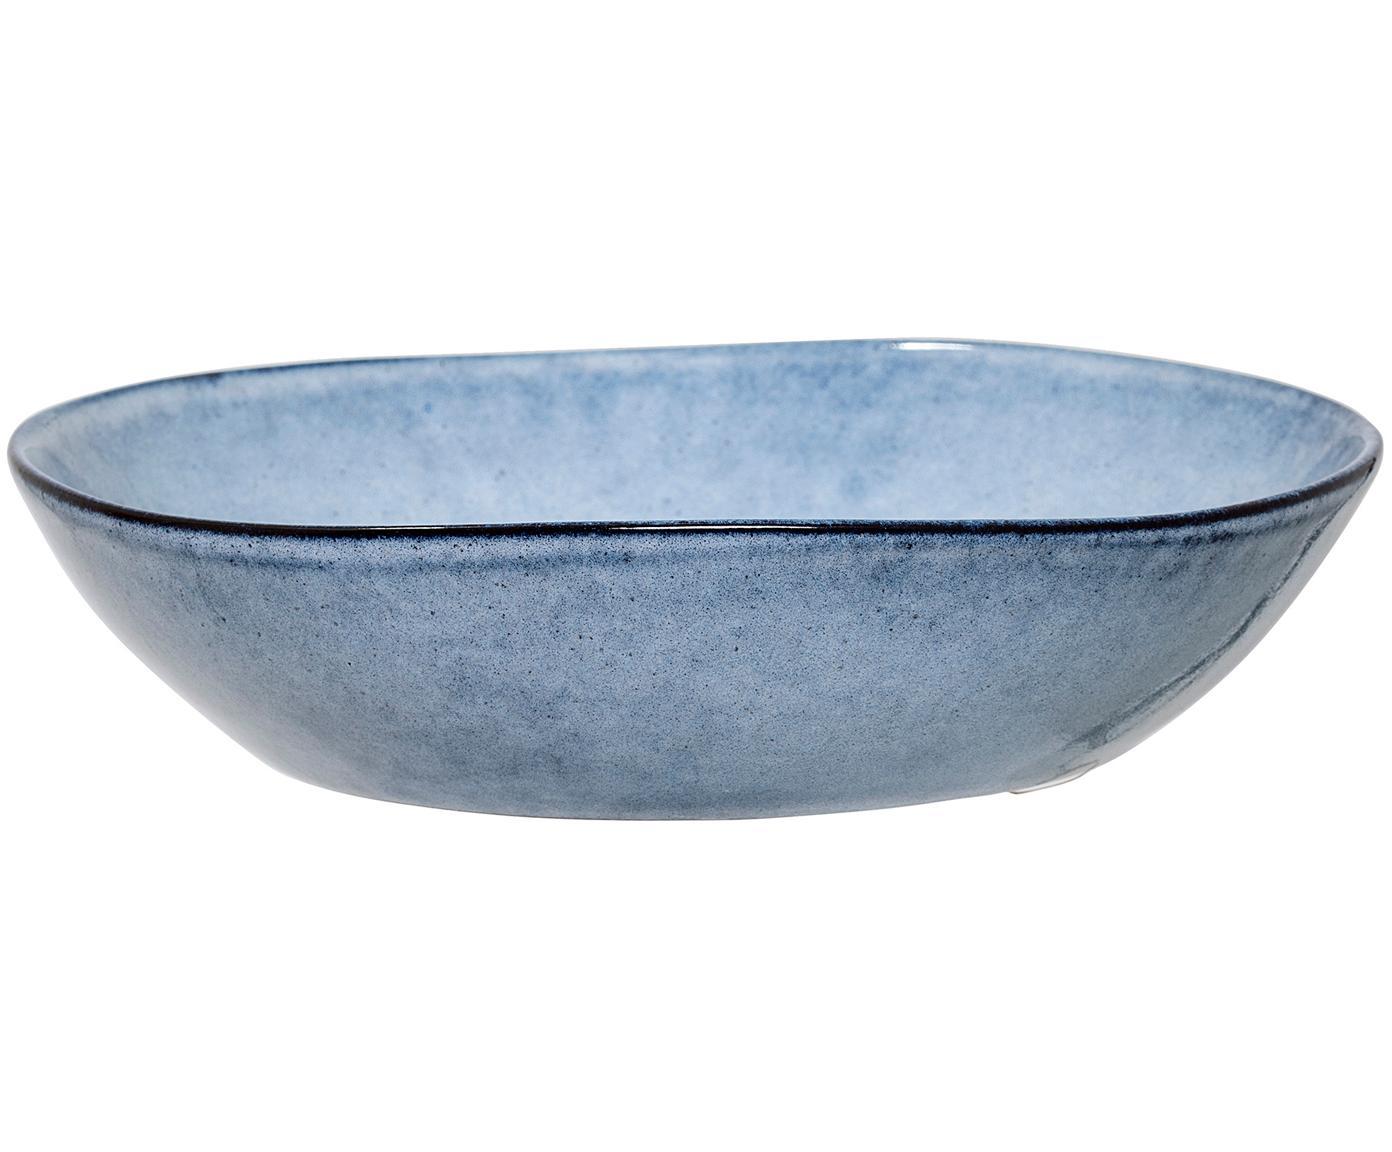 Handgemachter Suppenteller Sandrine, Keramik, Blau, Ø 22 x H 5 cm